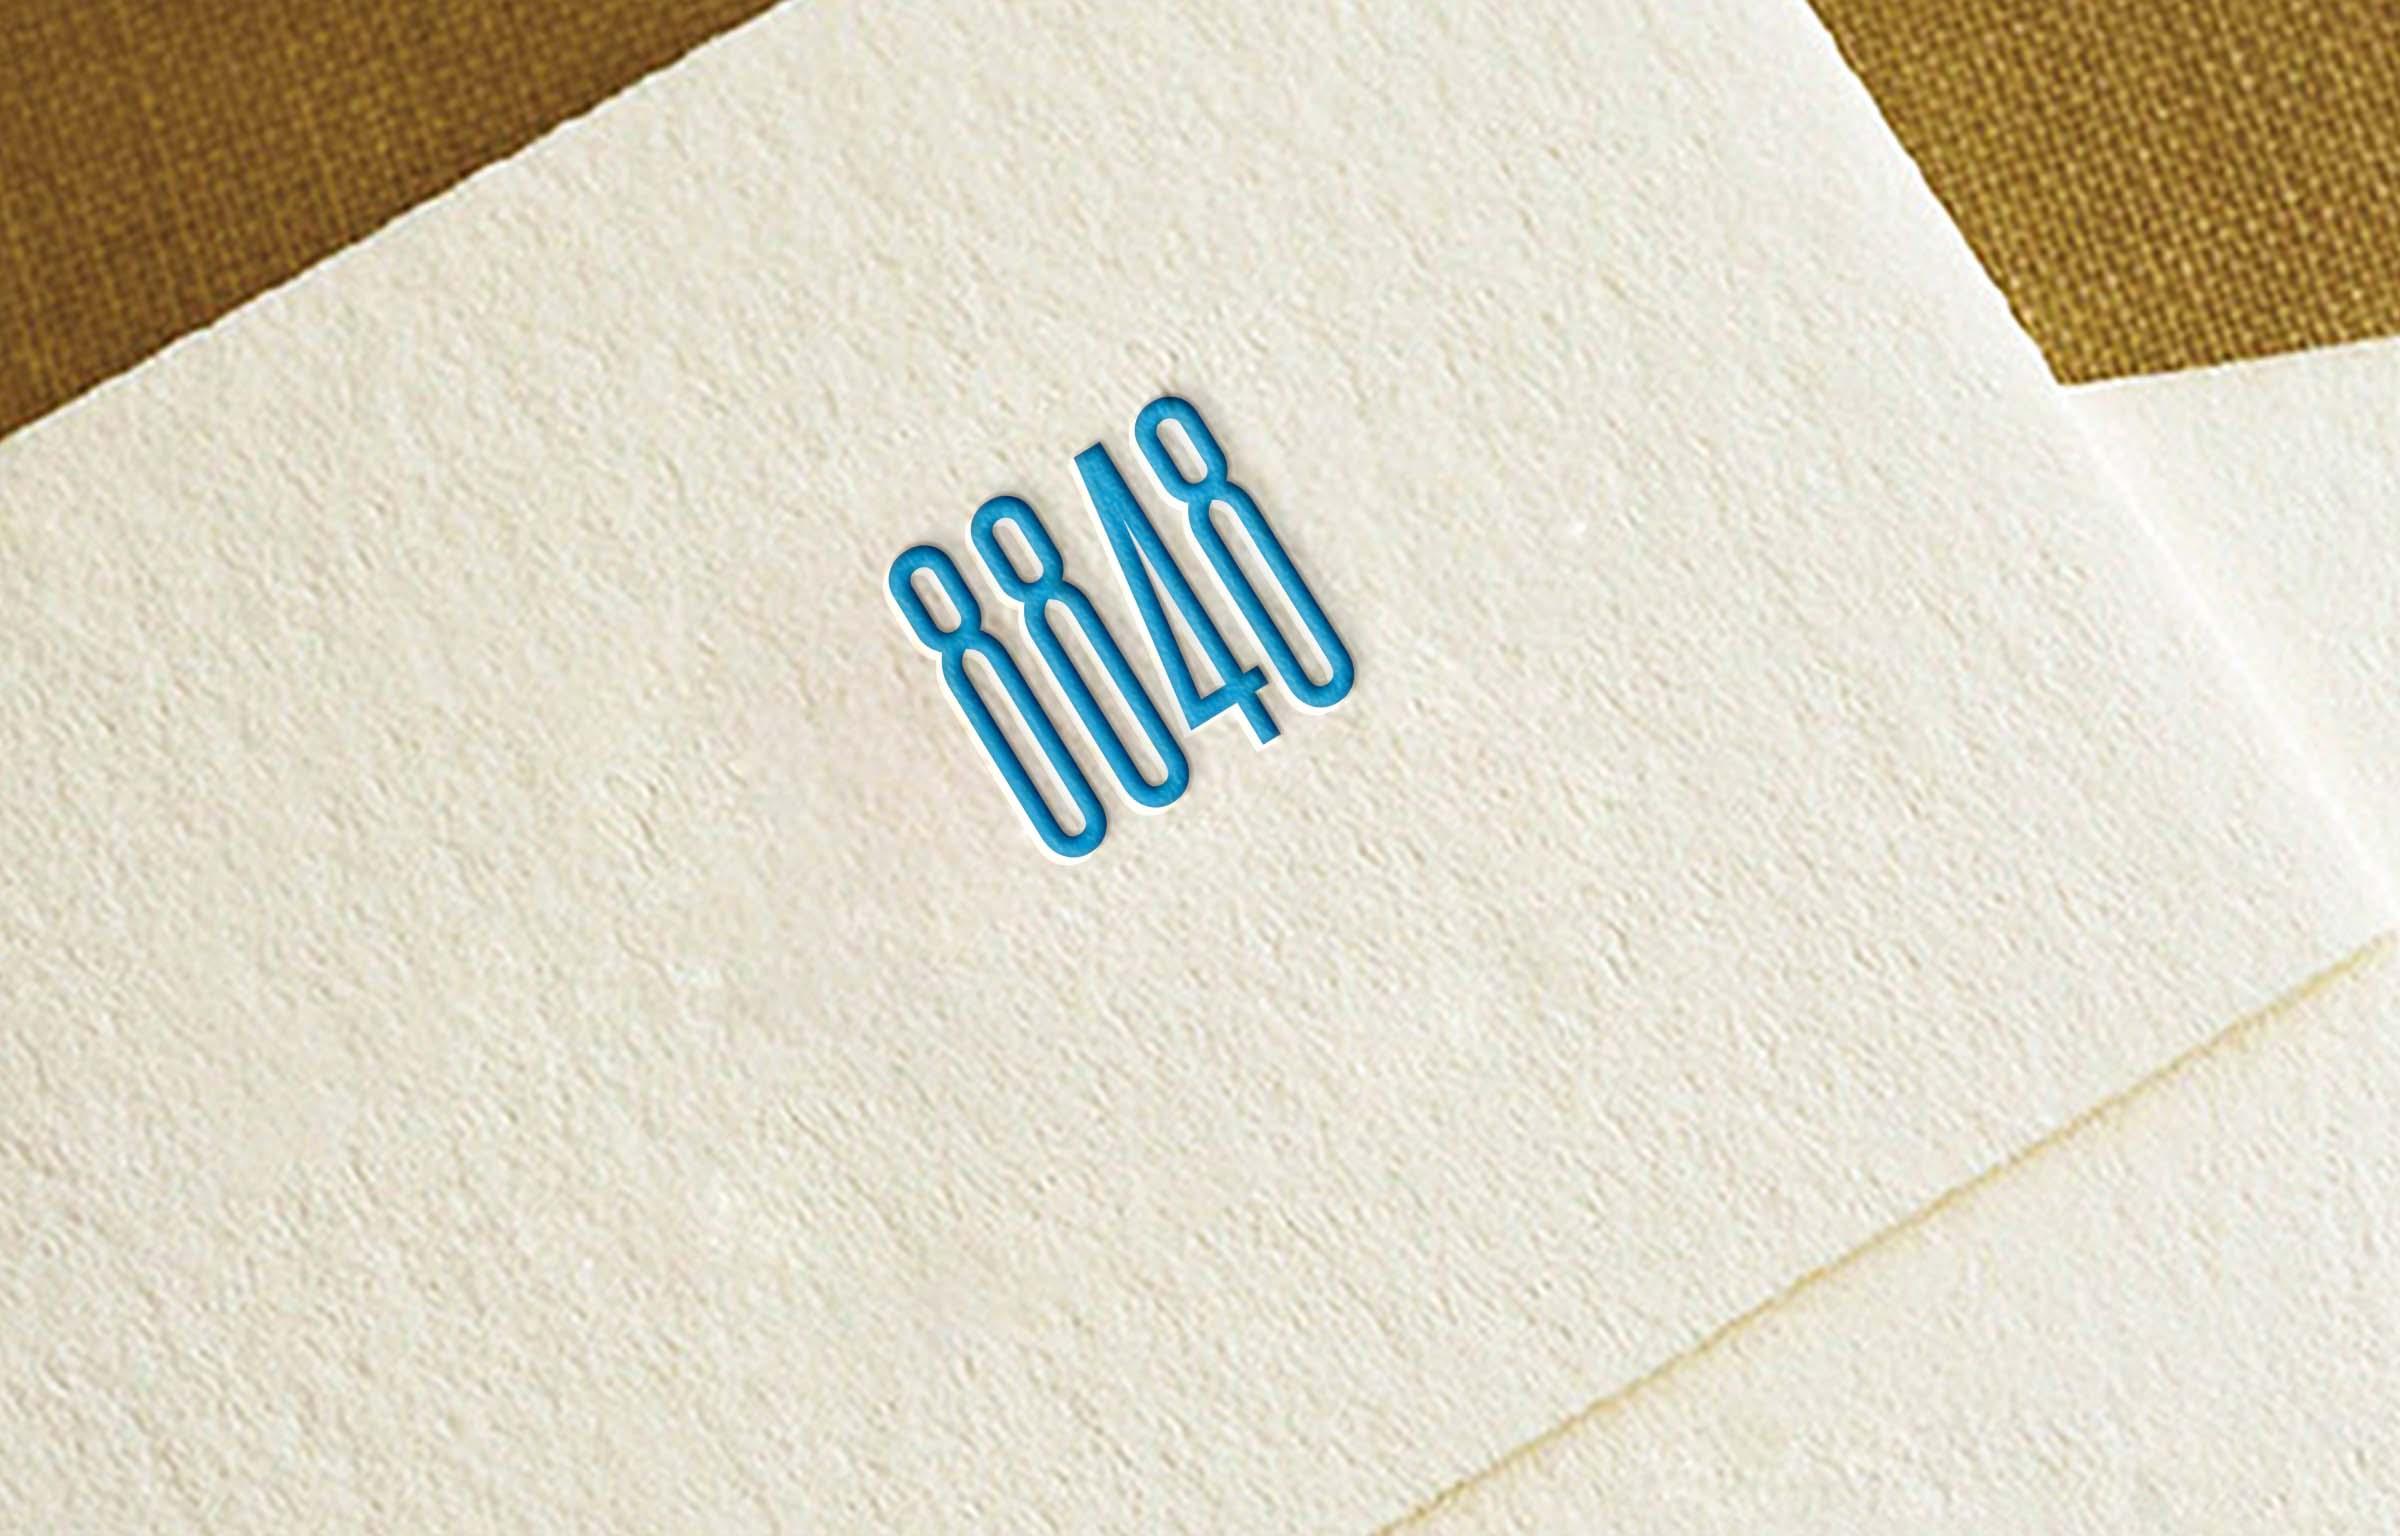 电商网站logo设计(内容有补充)_2964473_k68威客网